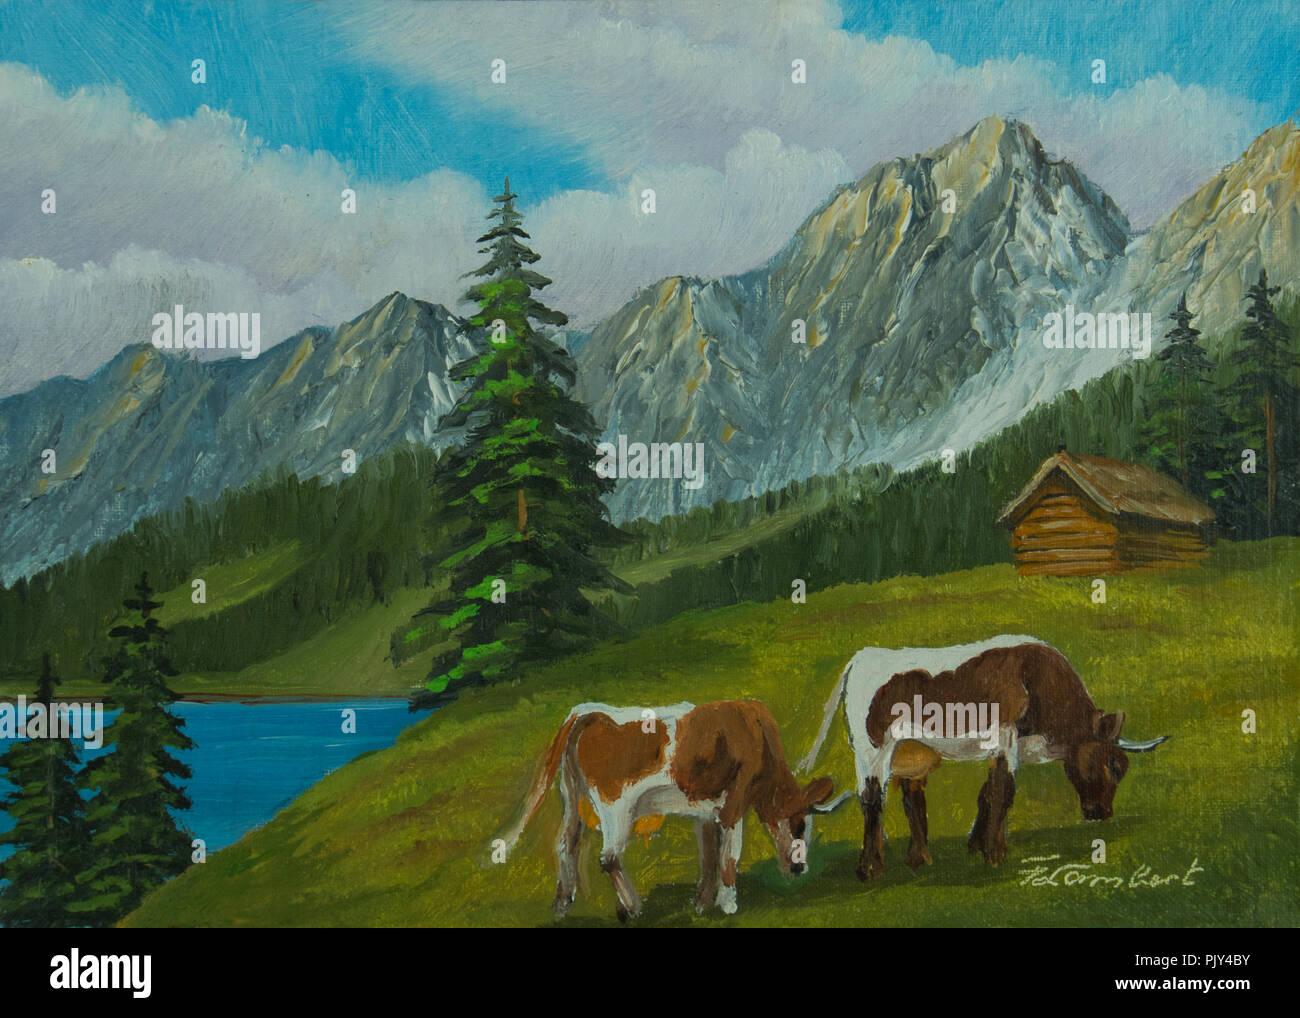 Pittura Di Olio Paesaggio Di Montagna Con Vacche Su Un